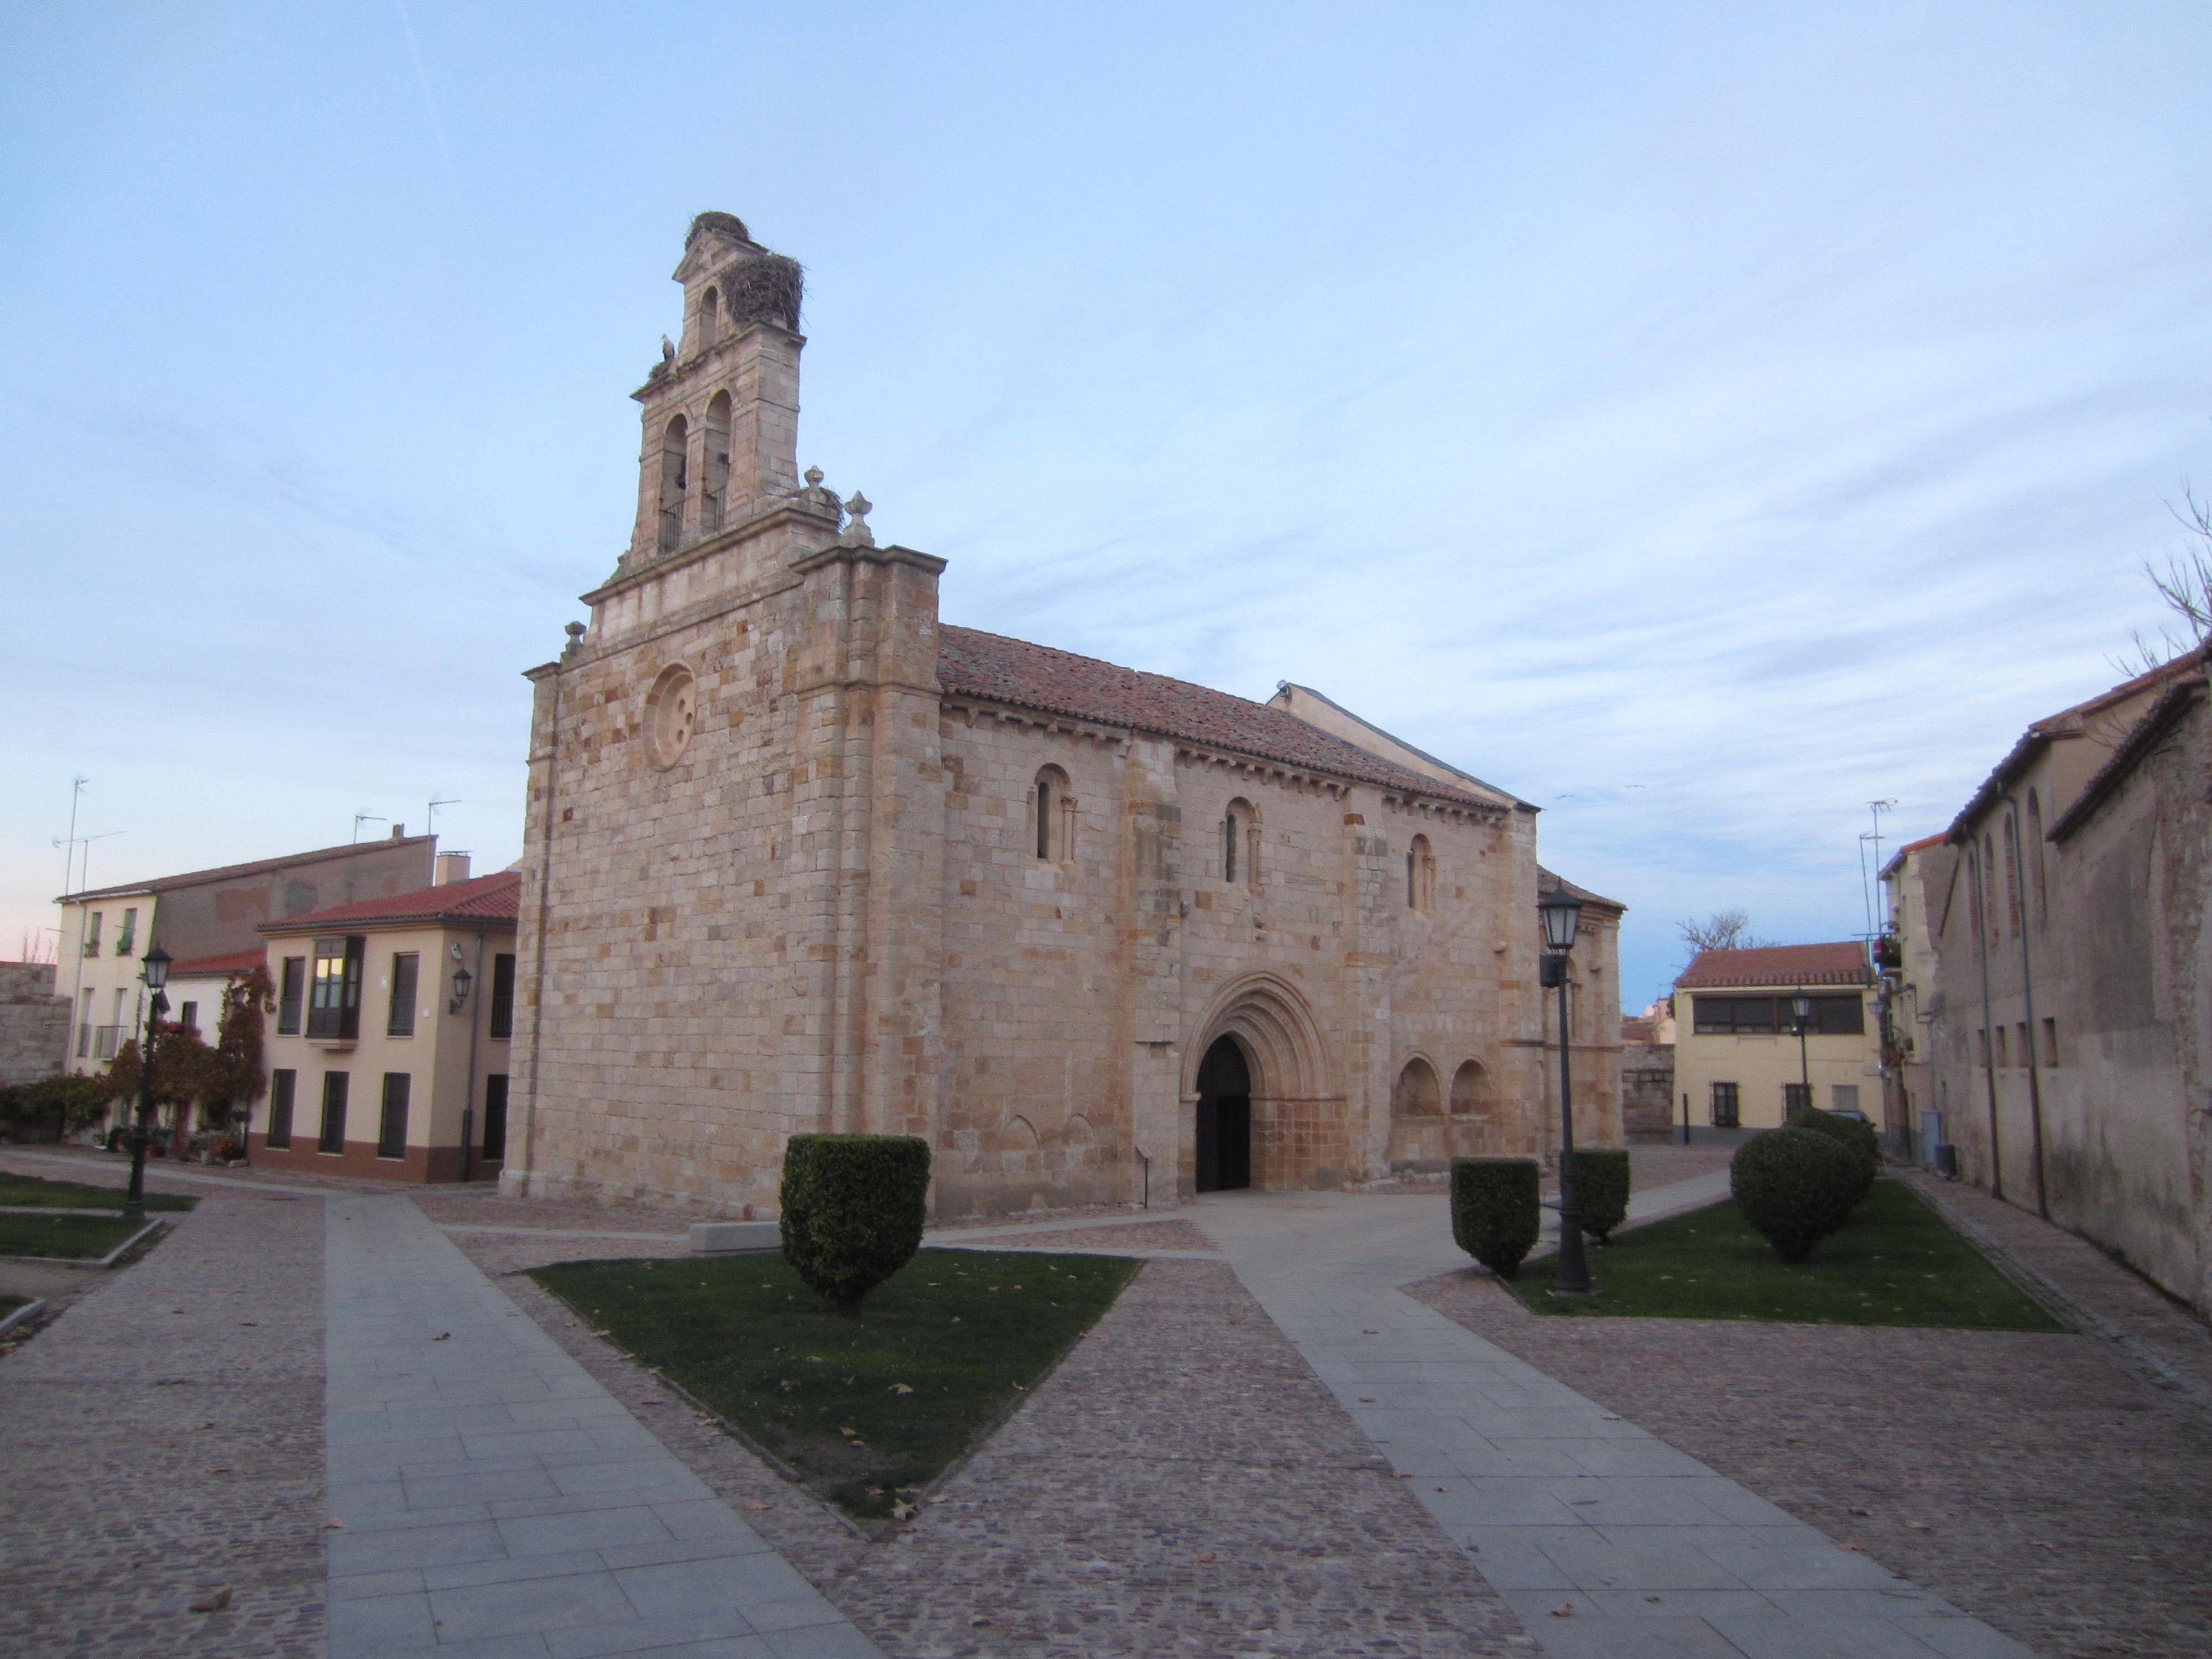 Excursi n del ateneo cultural de b jar a toro y zamora for Salamanca 24 horas